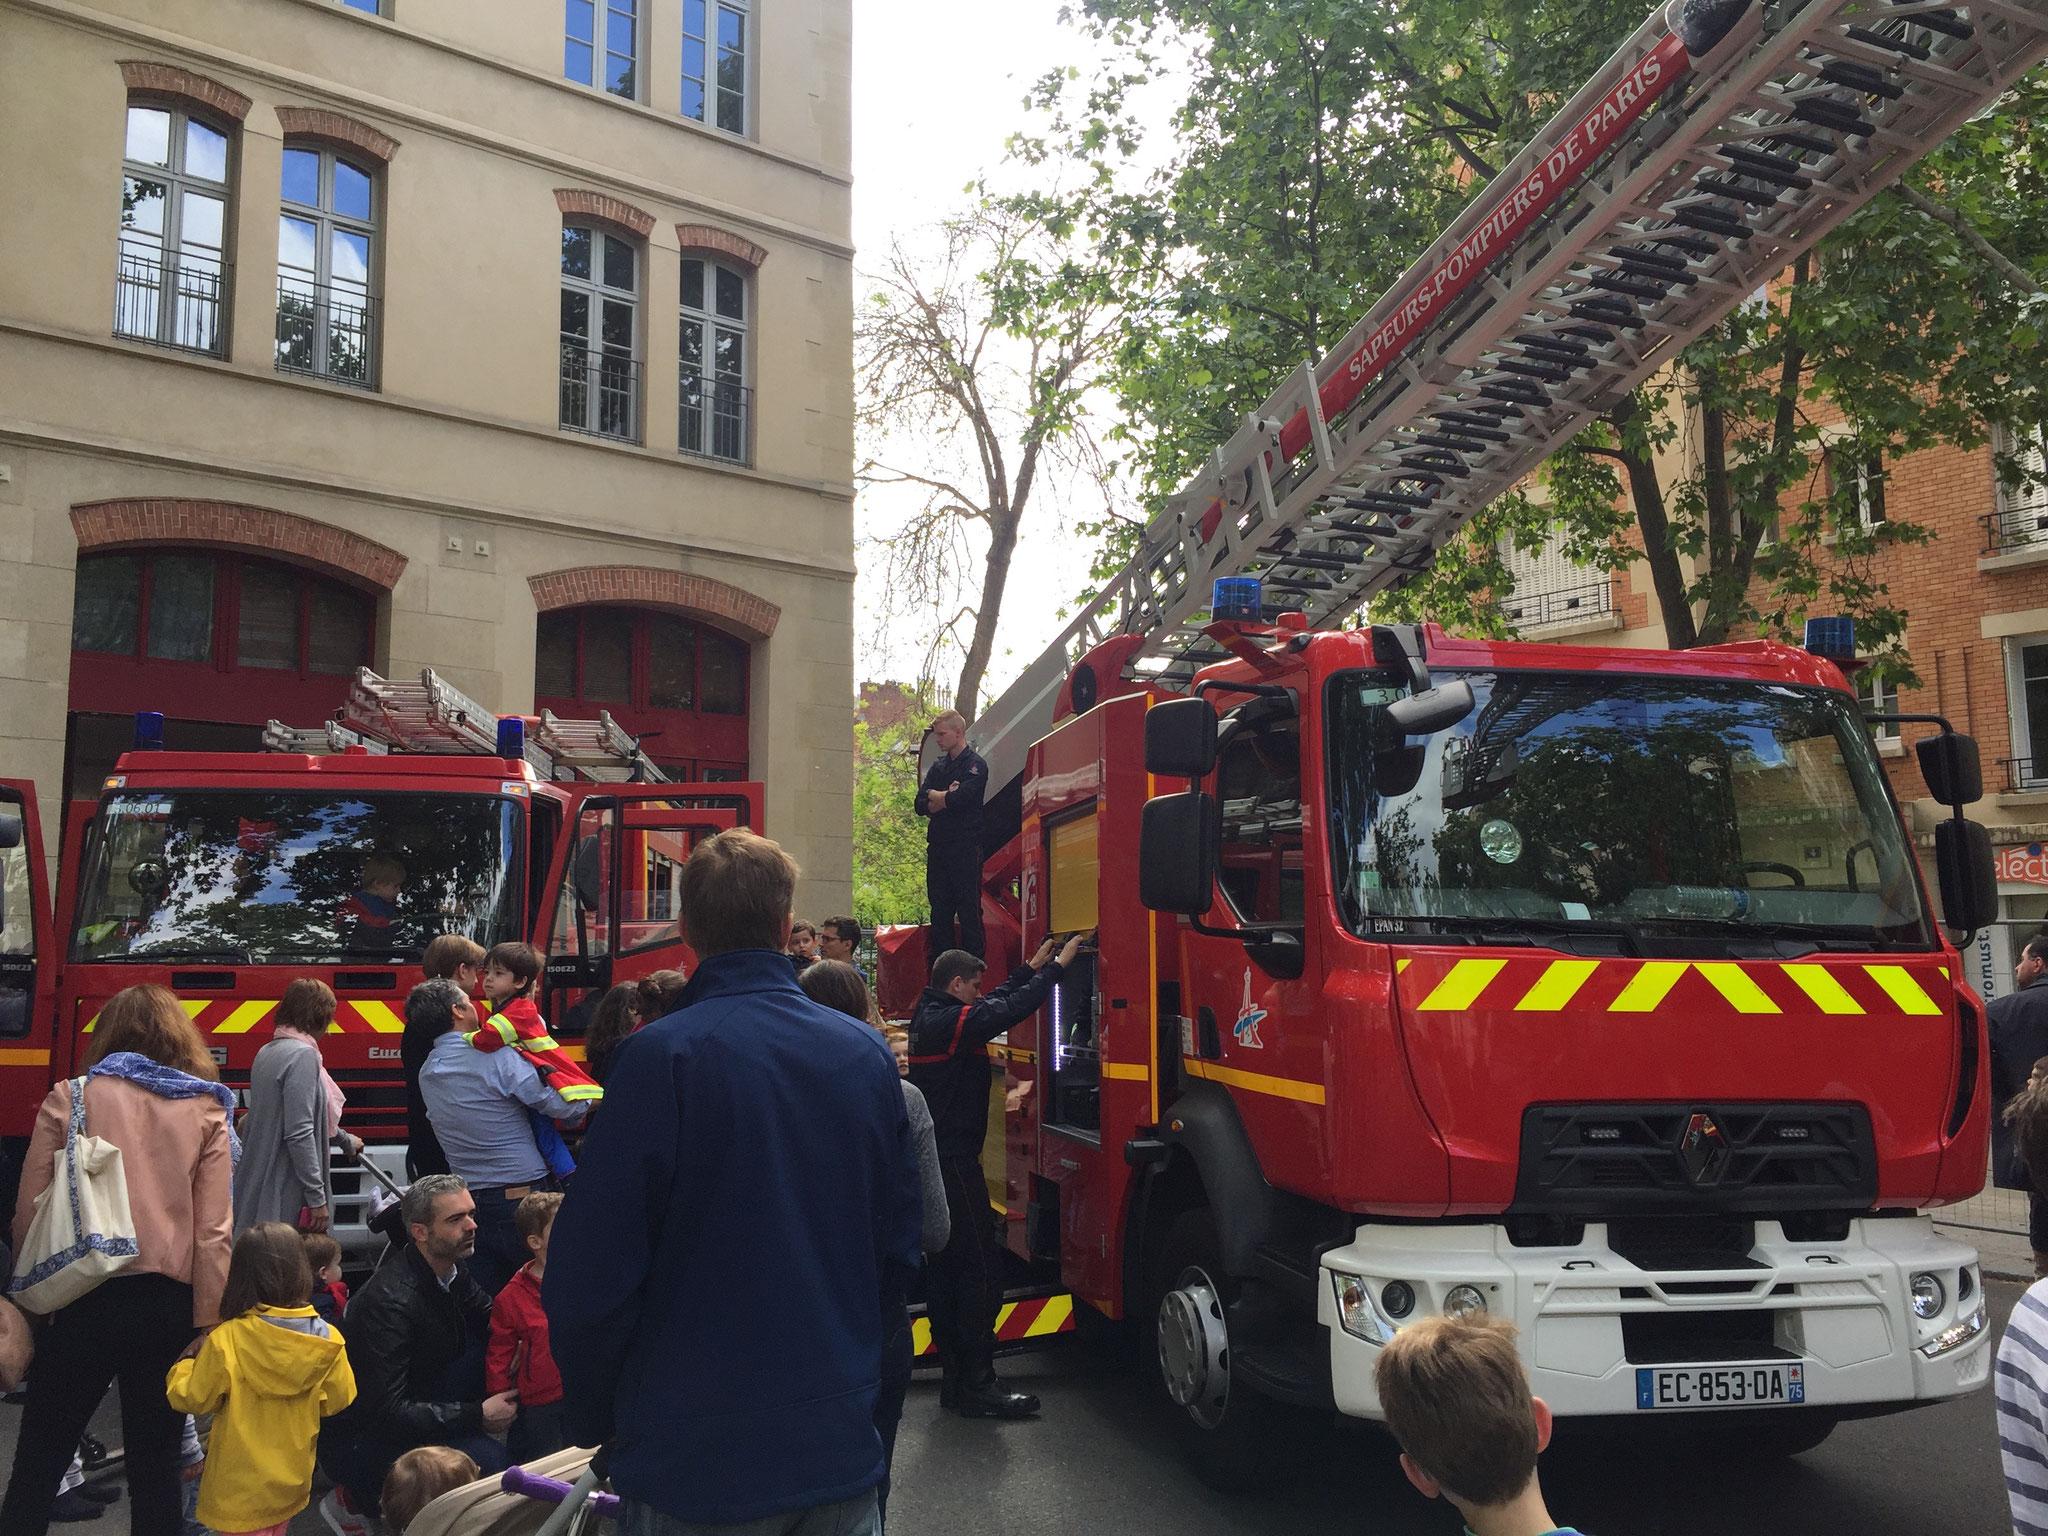 Rencontre avec les Pompiers - Journée portes ouvertes -  15è - François POTIÉ LUSSIGNY - Paris 12è Circ